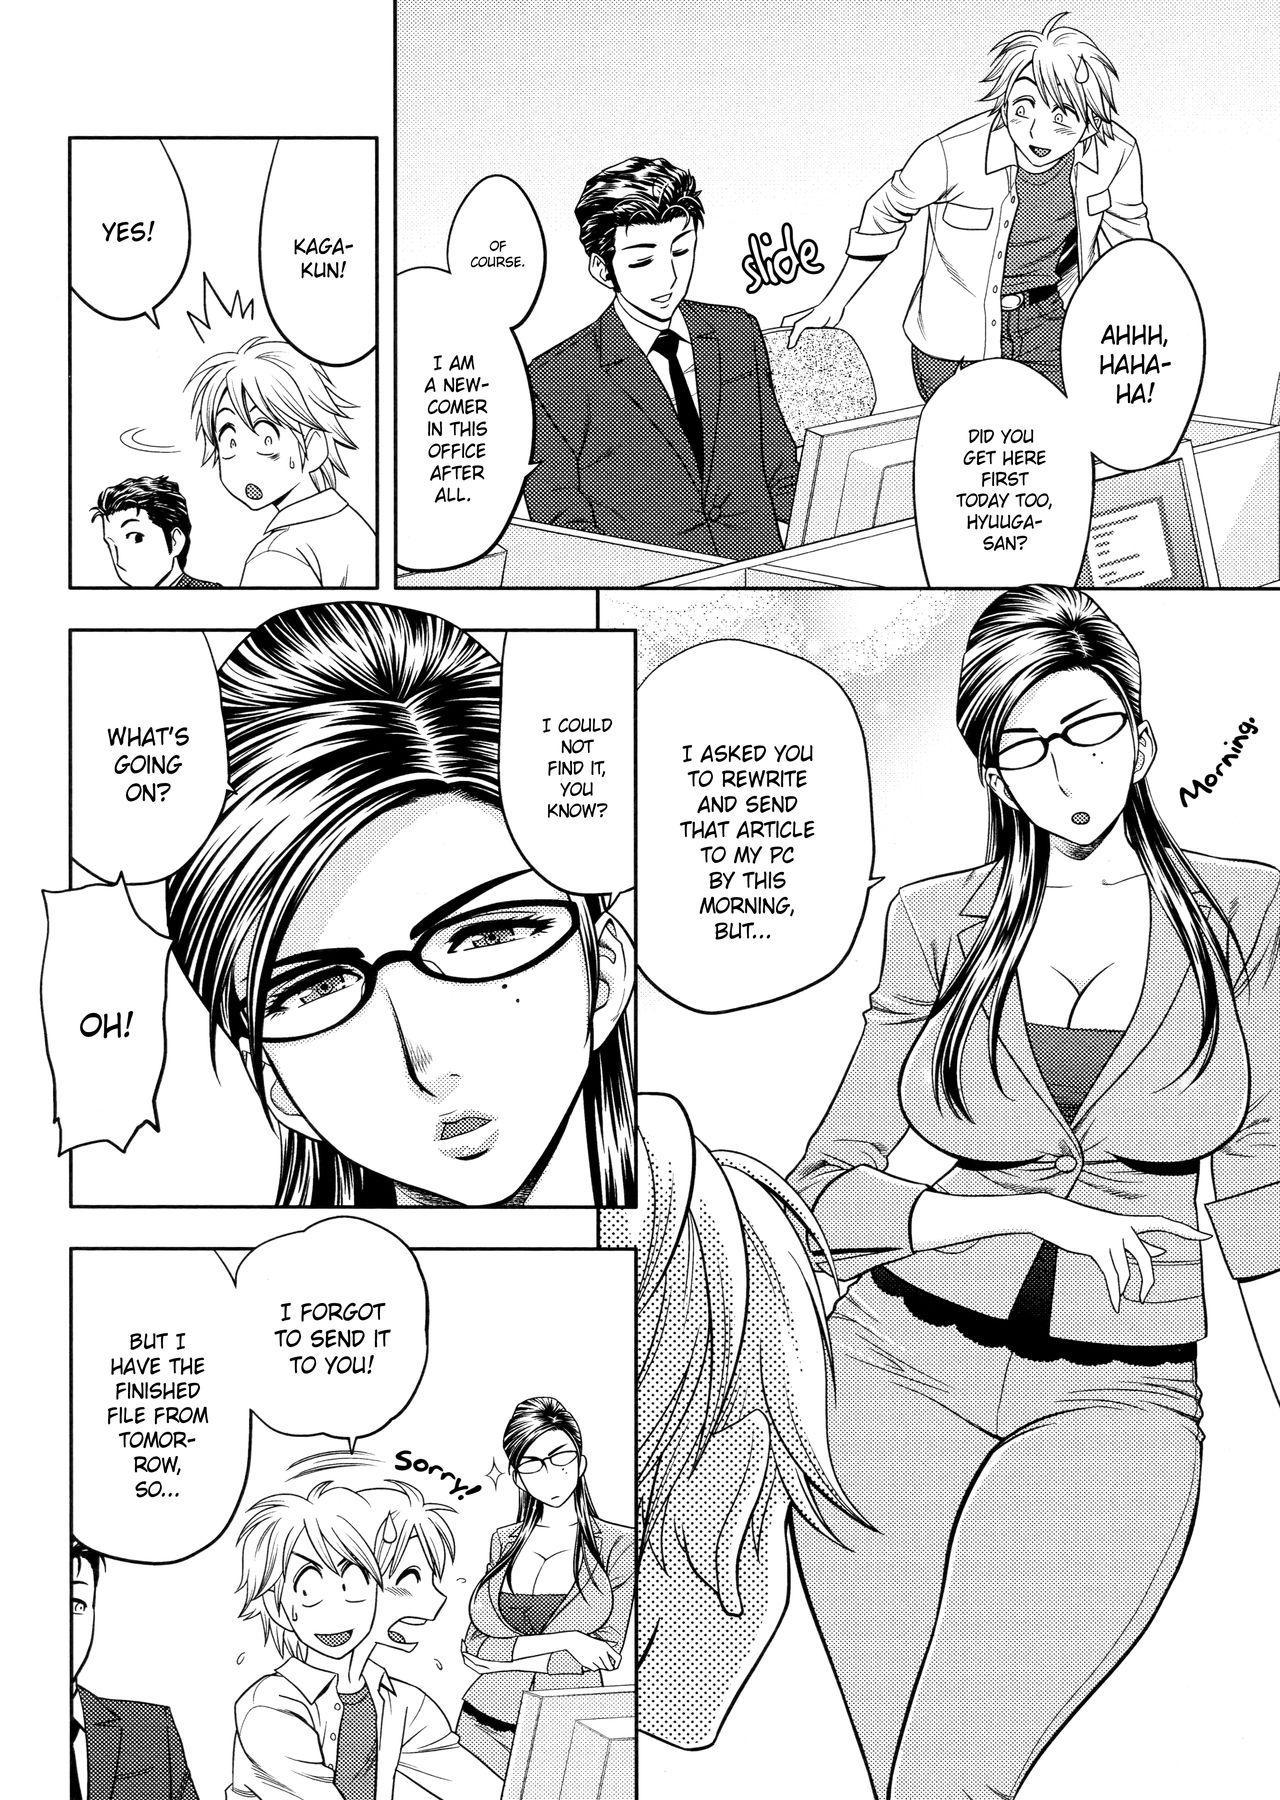 [Tatsunami Youtoku, Yamazaki Masato] Bijin Henshuu-chou no Himitsu | Beautiful Editor-in-Chief's Secret Ch. 1-4 [English] [Forbiddenfetish77, Red Vodka] [Decensored] 69